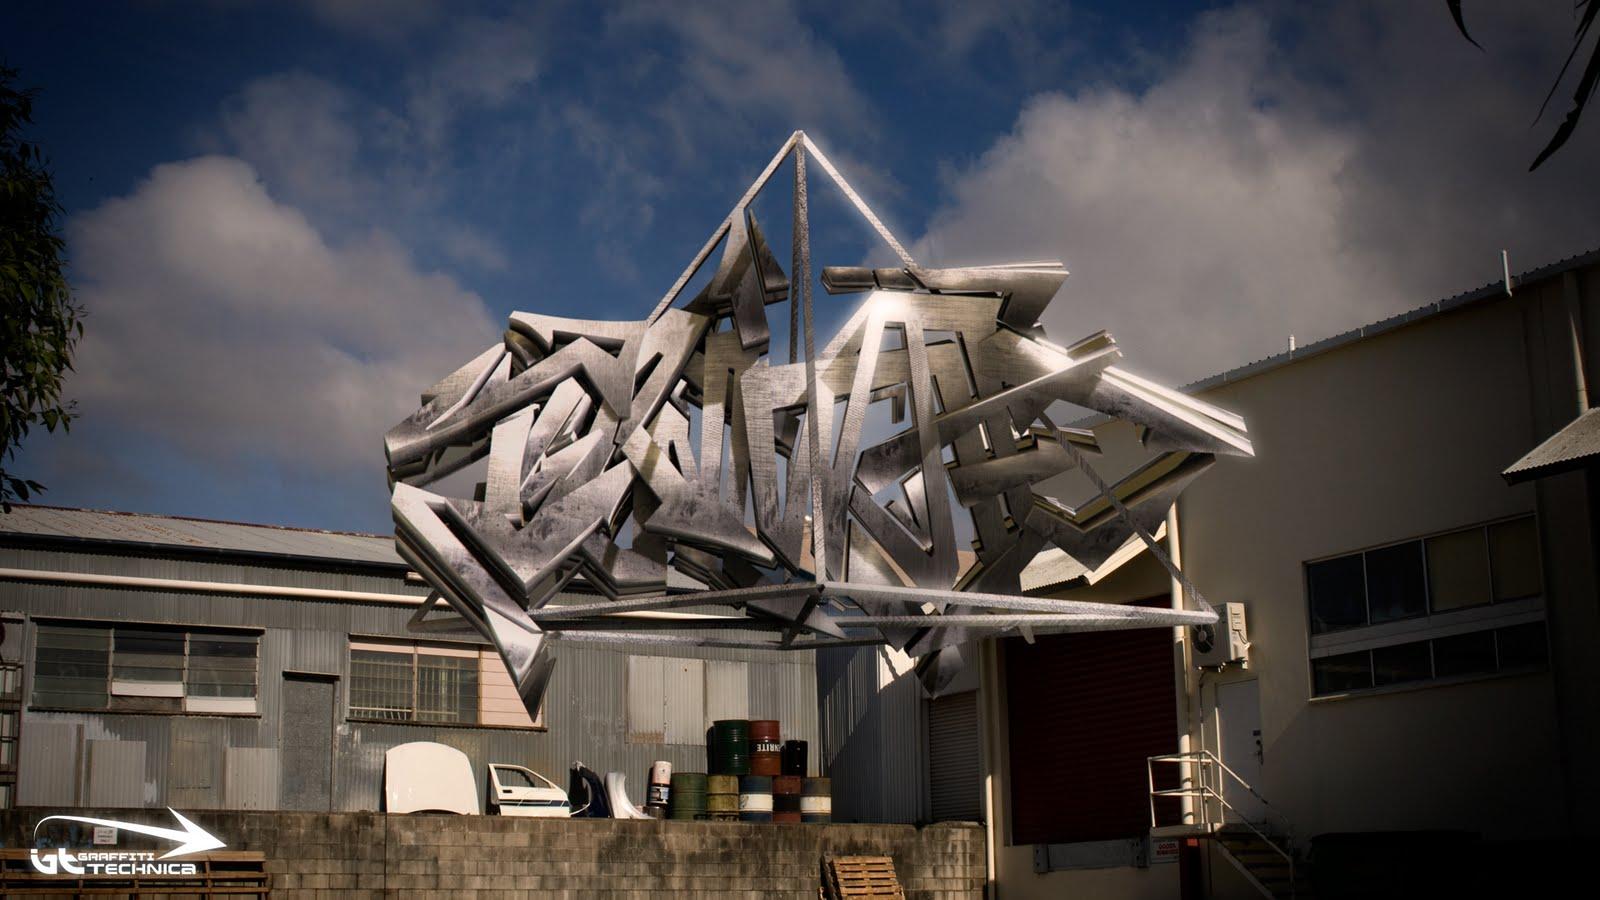 http://3.bp.blogspot.com/-S9WMNF-OKgk/TlYGQ94KbeI/AAAAAAAAAUs/kNz59fePAnA/s1600/widescreens-wallpaper.blogspot.com+-+3D_Graffiti_Backgrounds+%25283%2529.jpg